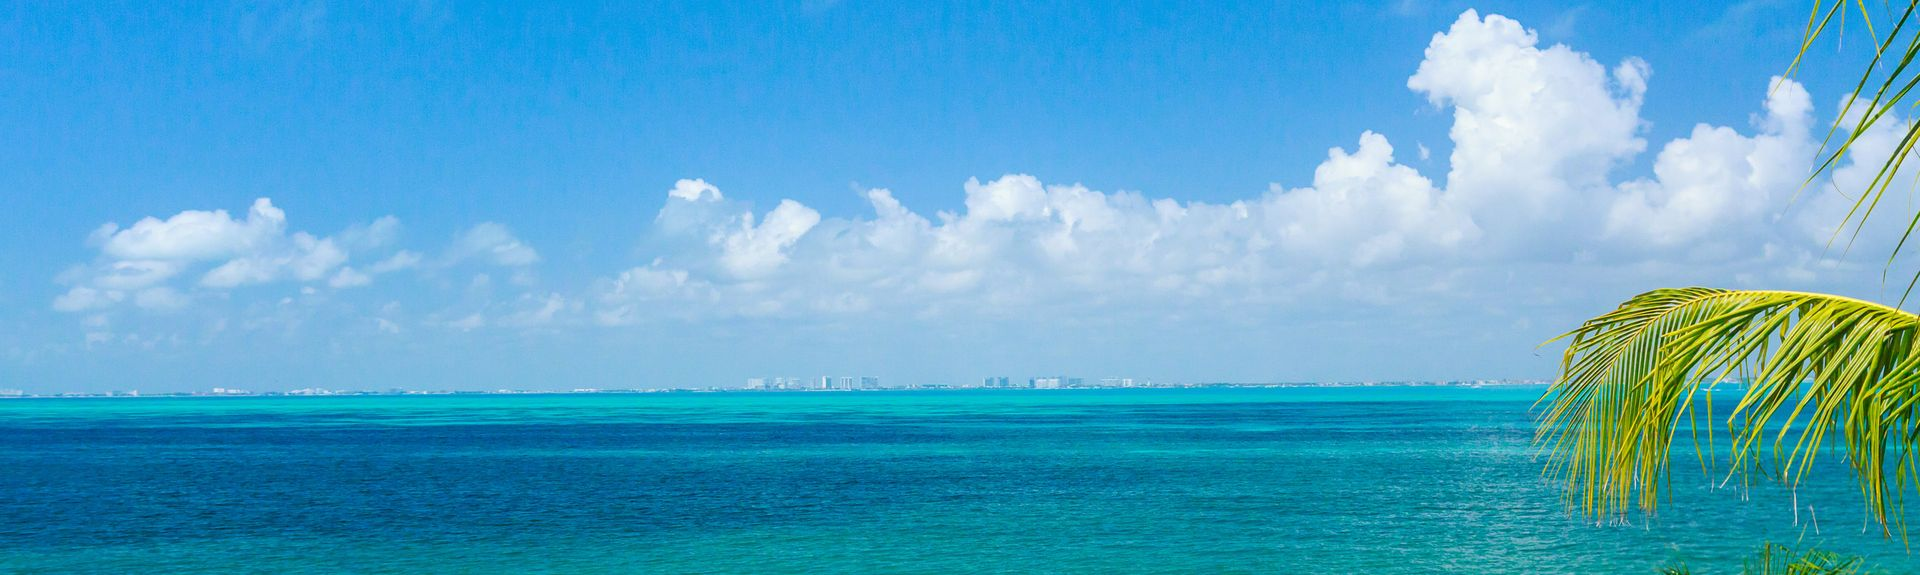 Salinas, Isla Mujeres, Quintana Roo, Mexiko